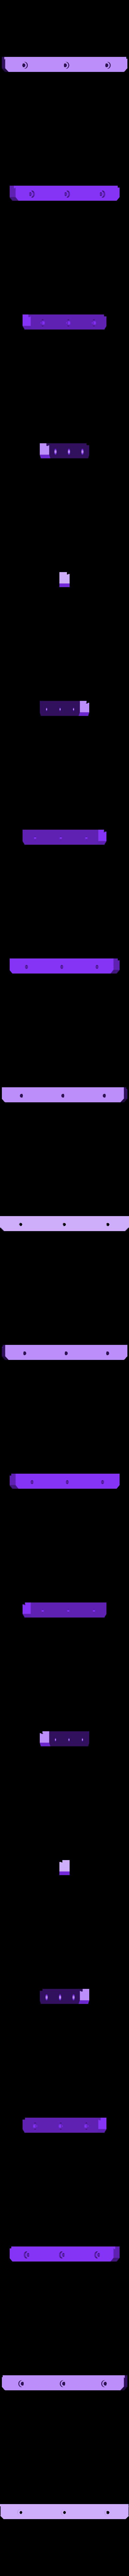 PCB_Ogranicznik.stl Télécharger fichier STL gratuit Porte-cartes • Plan pour imprimante 3D, kpawel